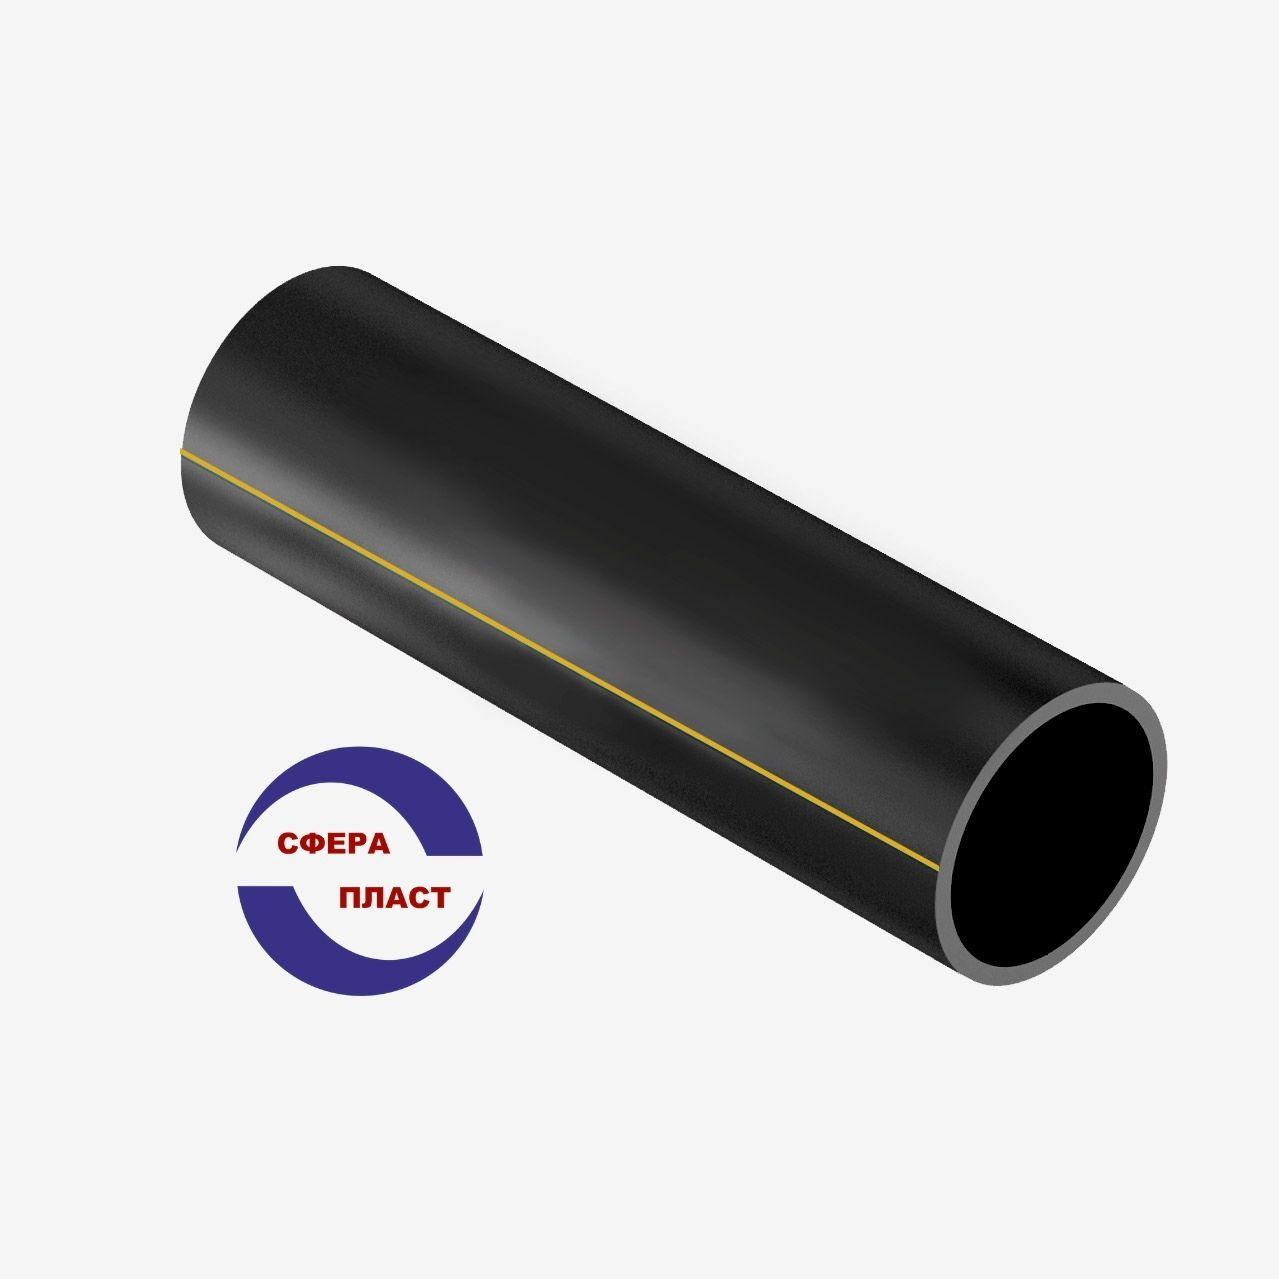 Труба Ду-315x28,6 SDR11 ГАЗ (16 атм.) полиэтиленовая ПЭ-100